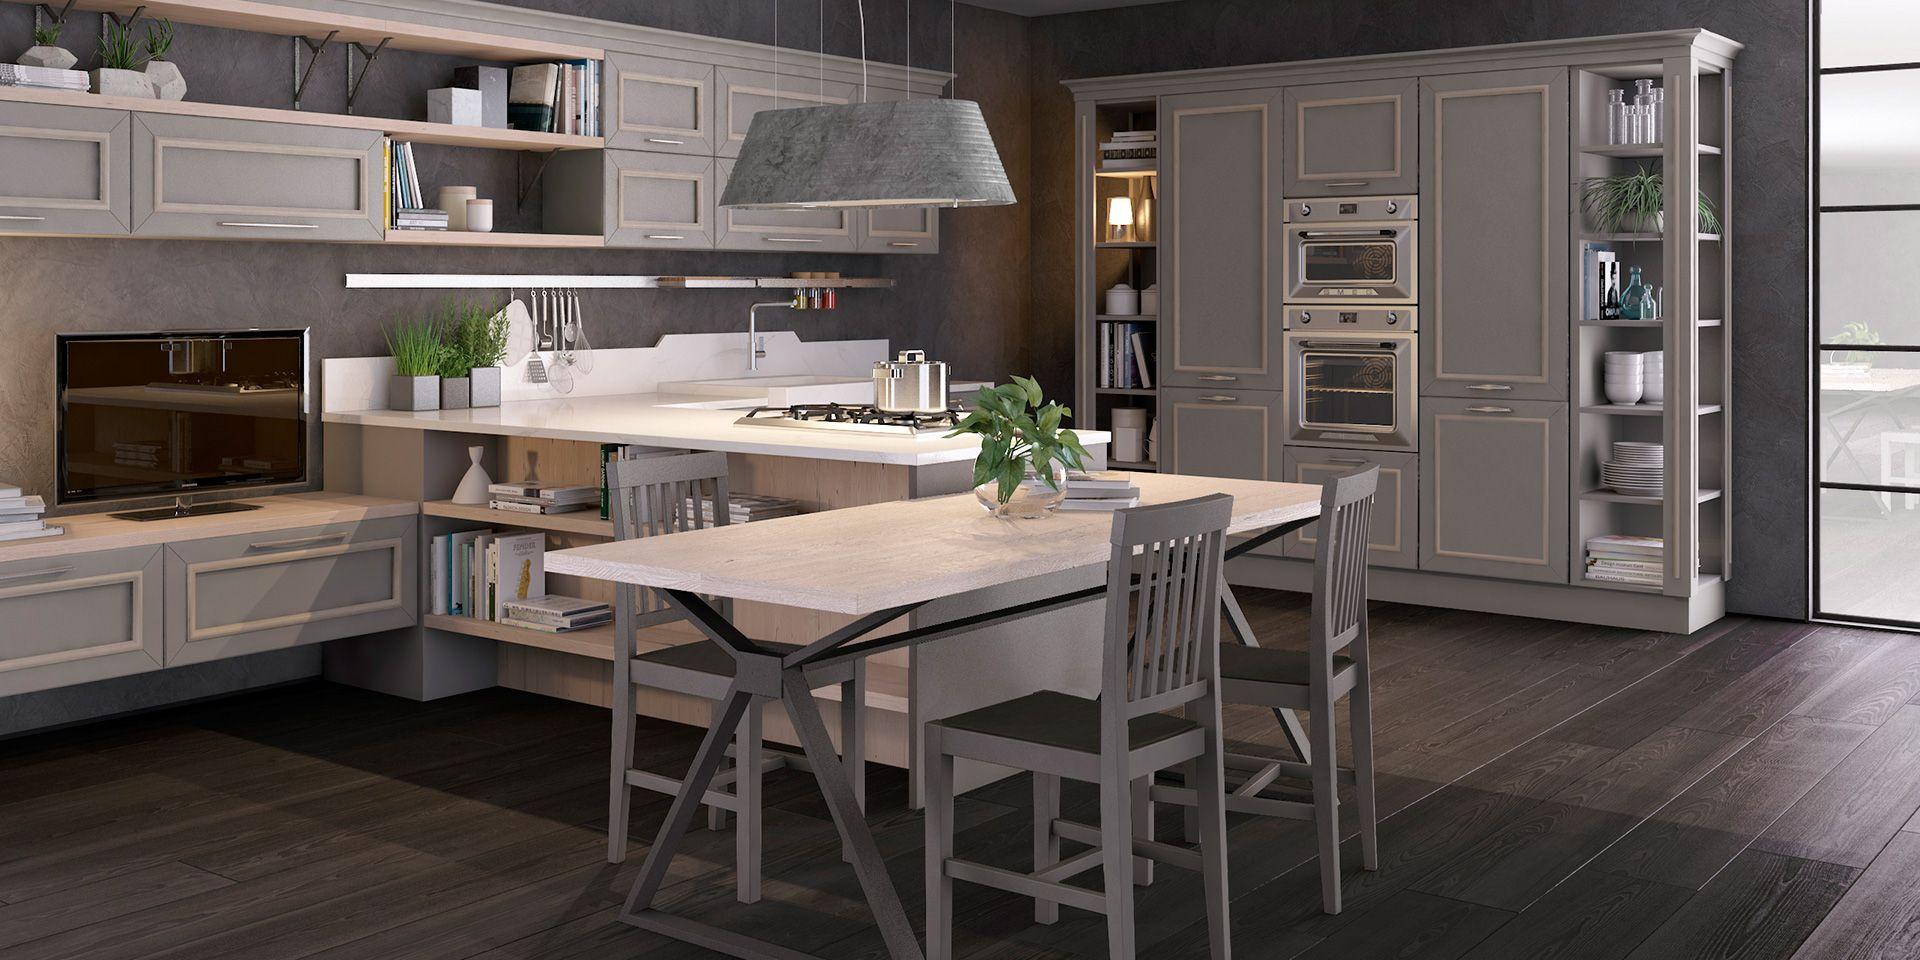 Cucine Lube » Rivenditori Cucine Lube - Ispirazioni Design dell ...